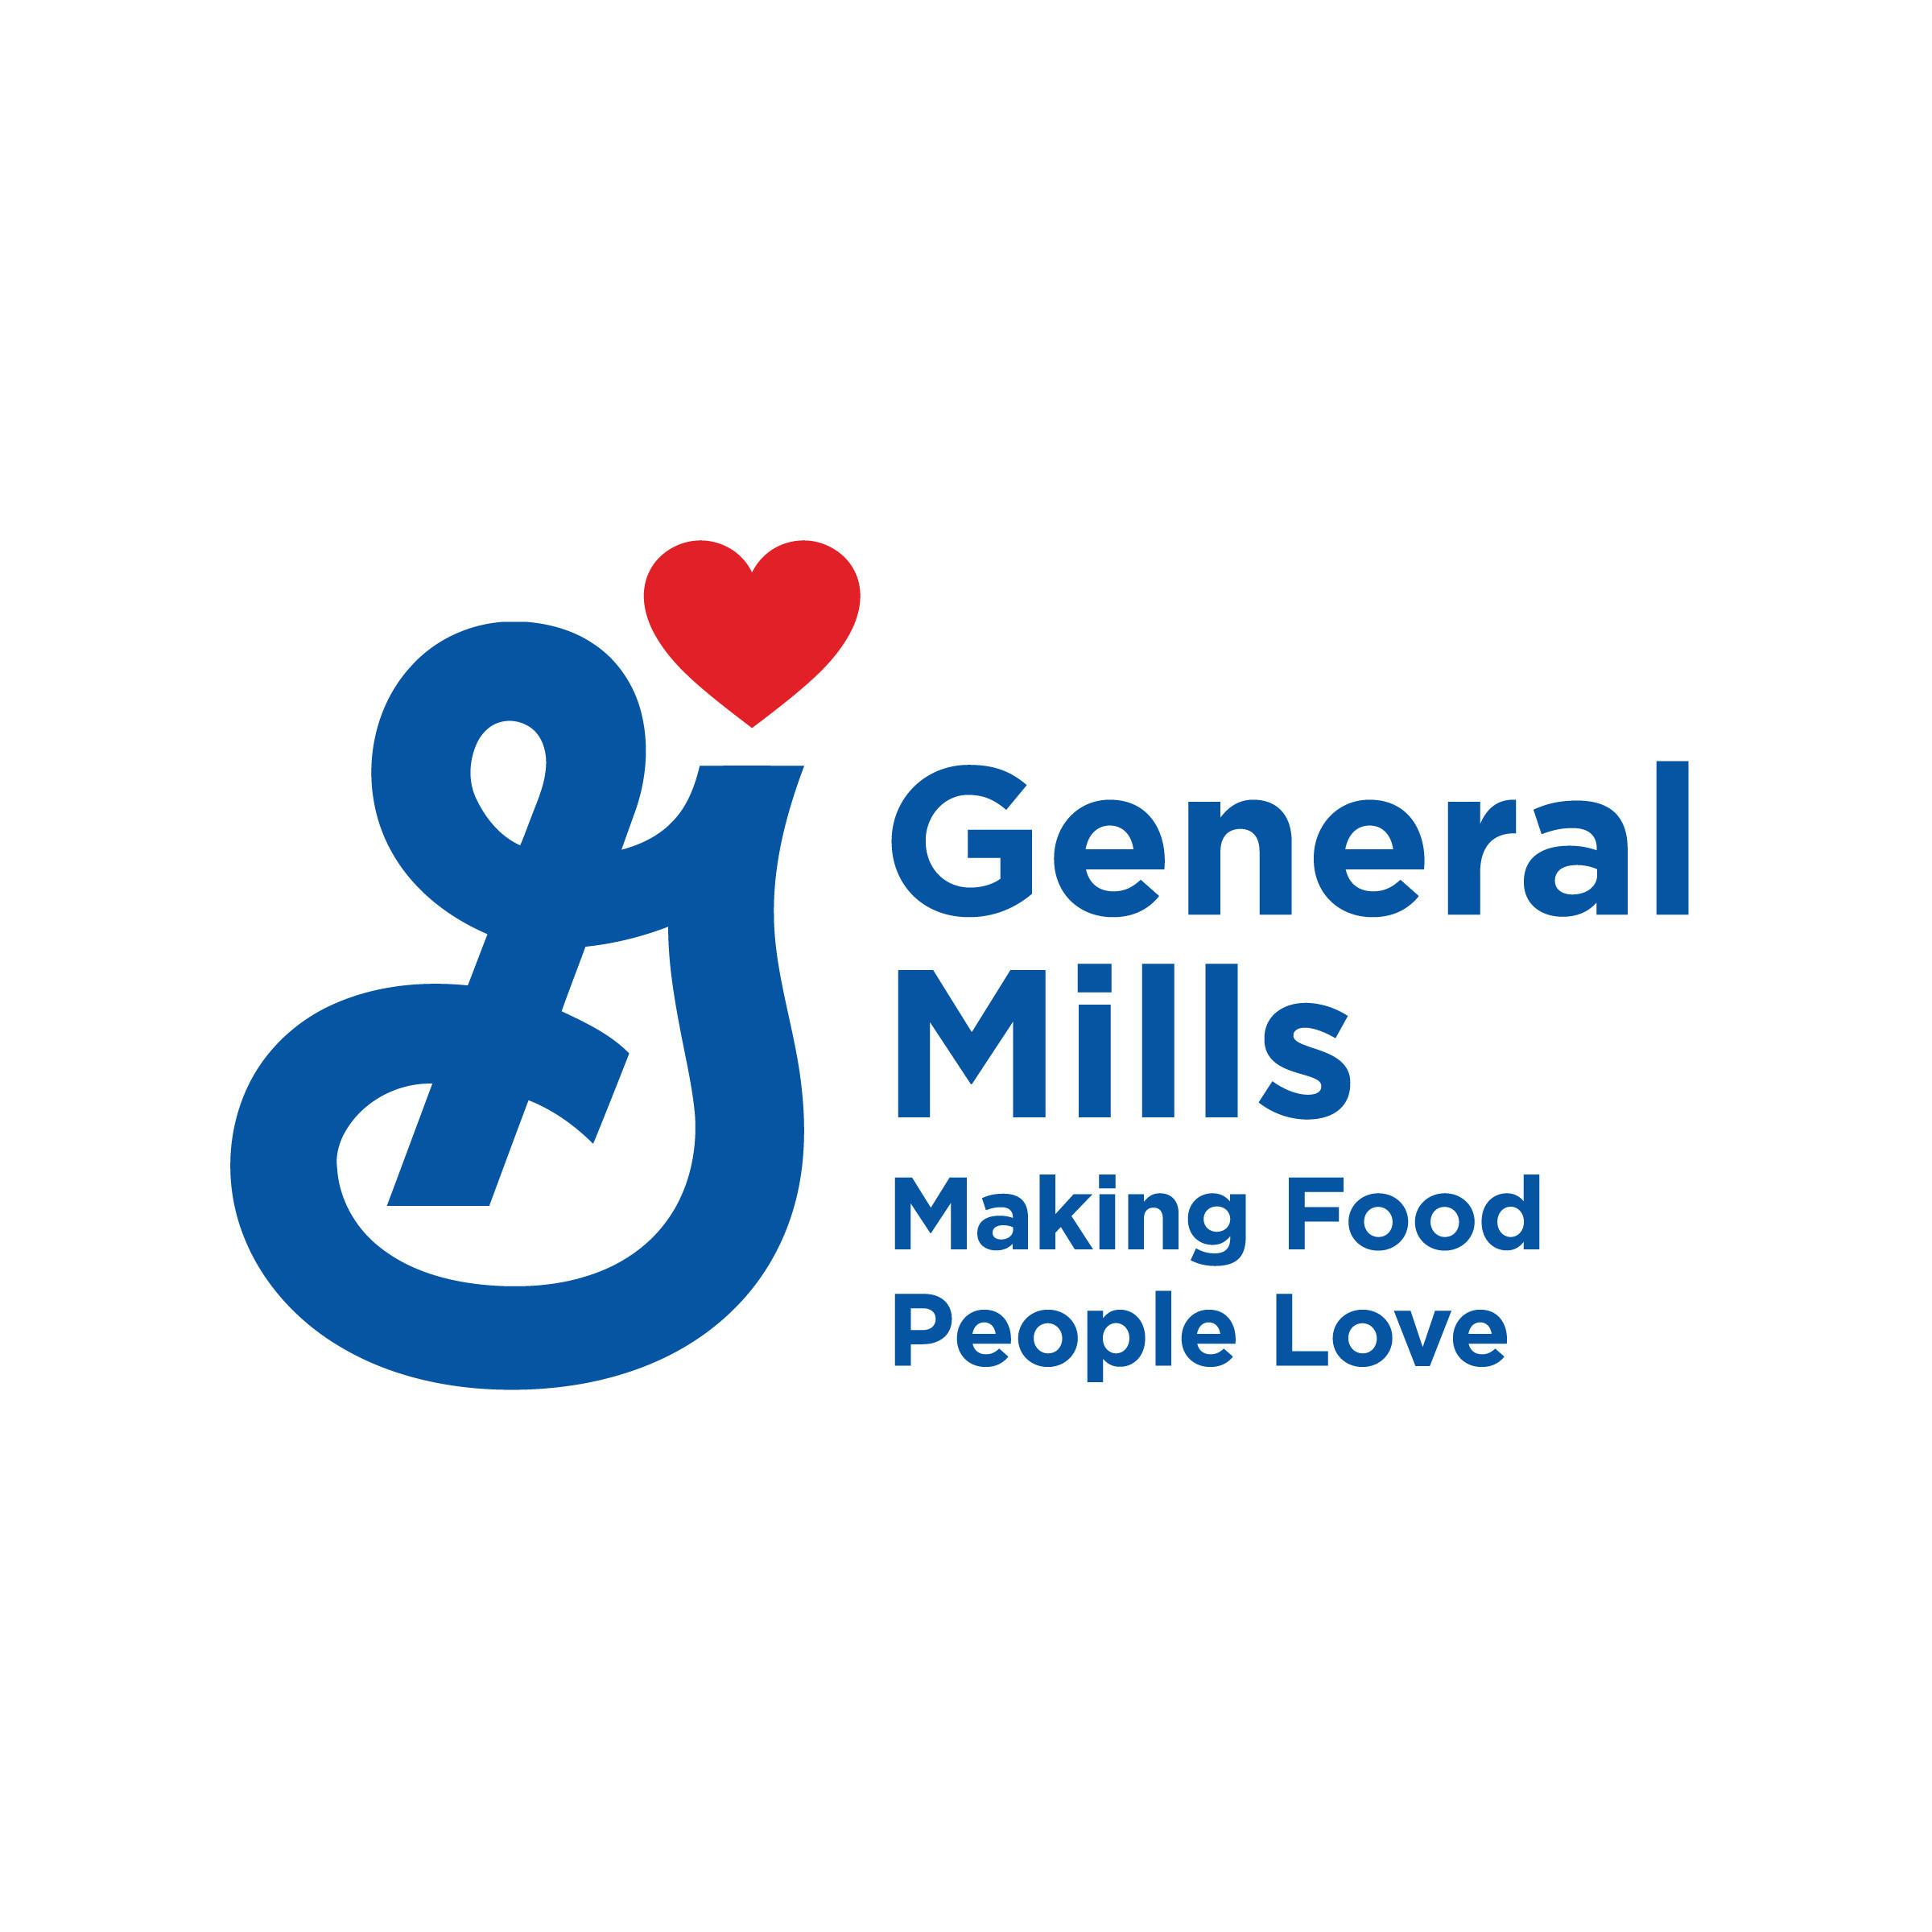 General Mills Making Food People Love